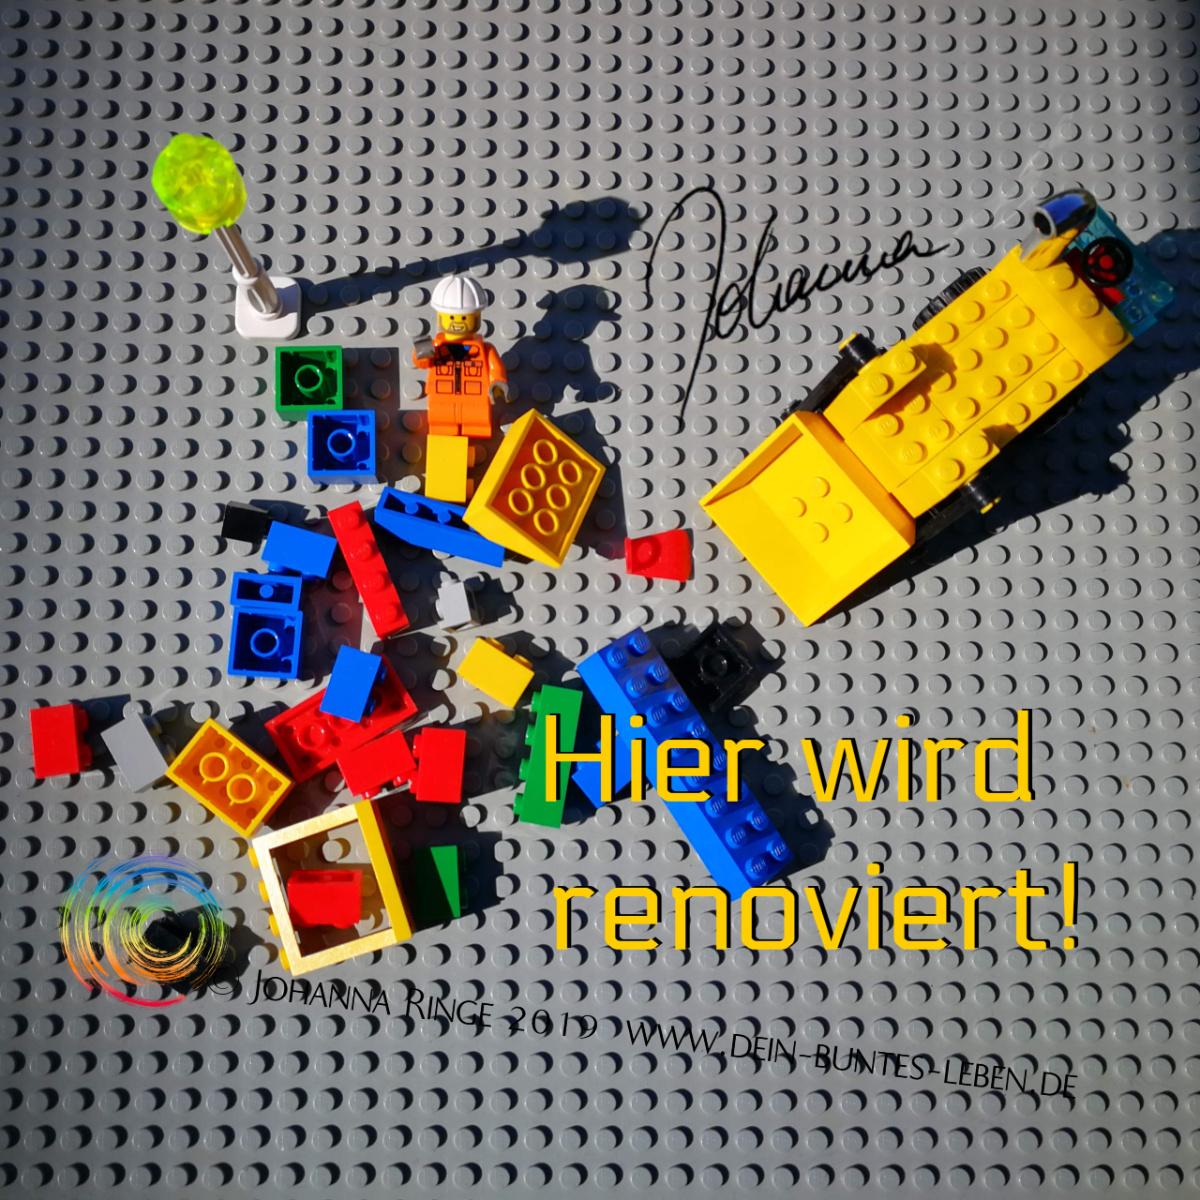 Hier wird renoviert! Photo von Lego Baustelle. ©Johanna Ringe 2019 www.dein-buntes-leben.de